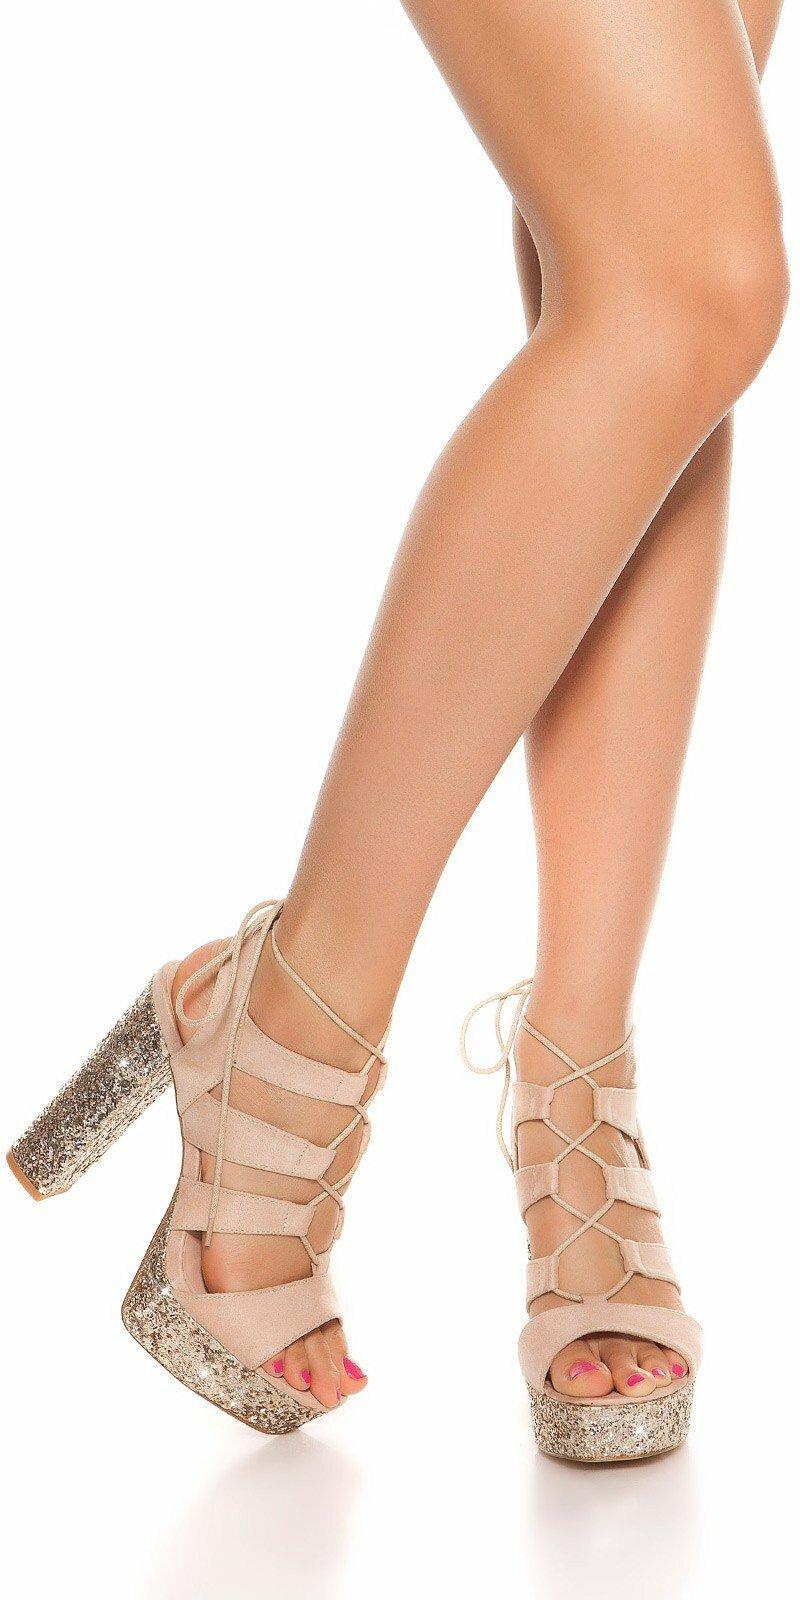 531c84f45142 Flitrované sandále na vysokom hrubom podpätku  Velkosť topánok 36 Farba  Béžová